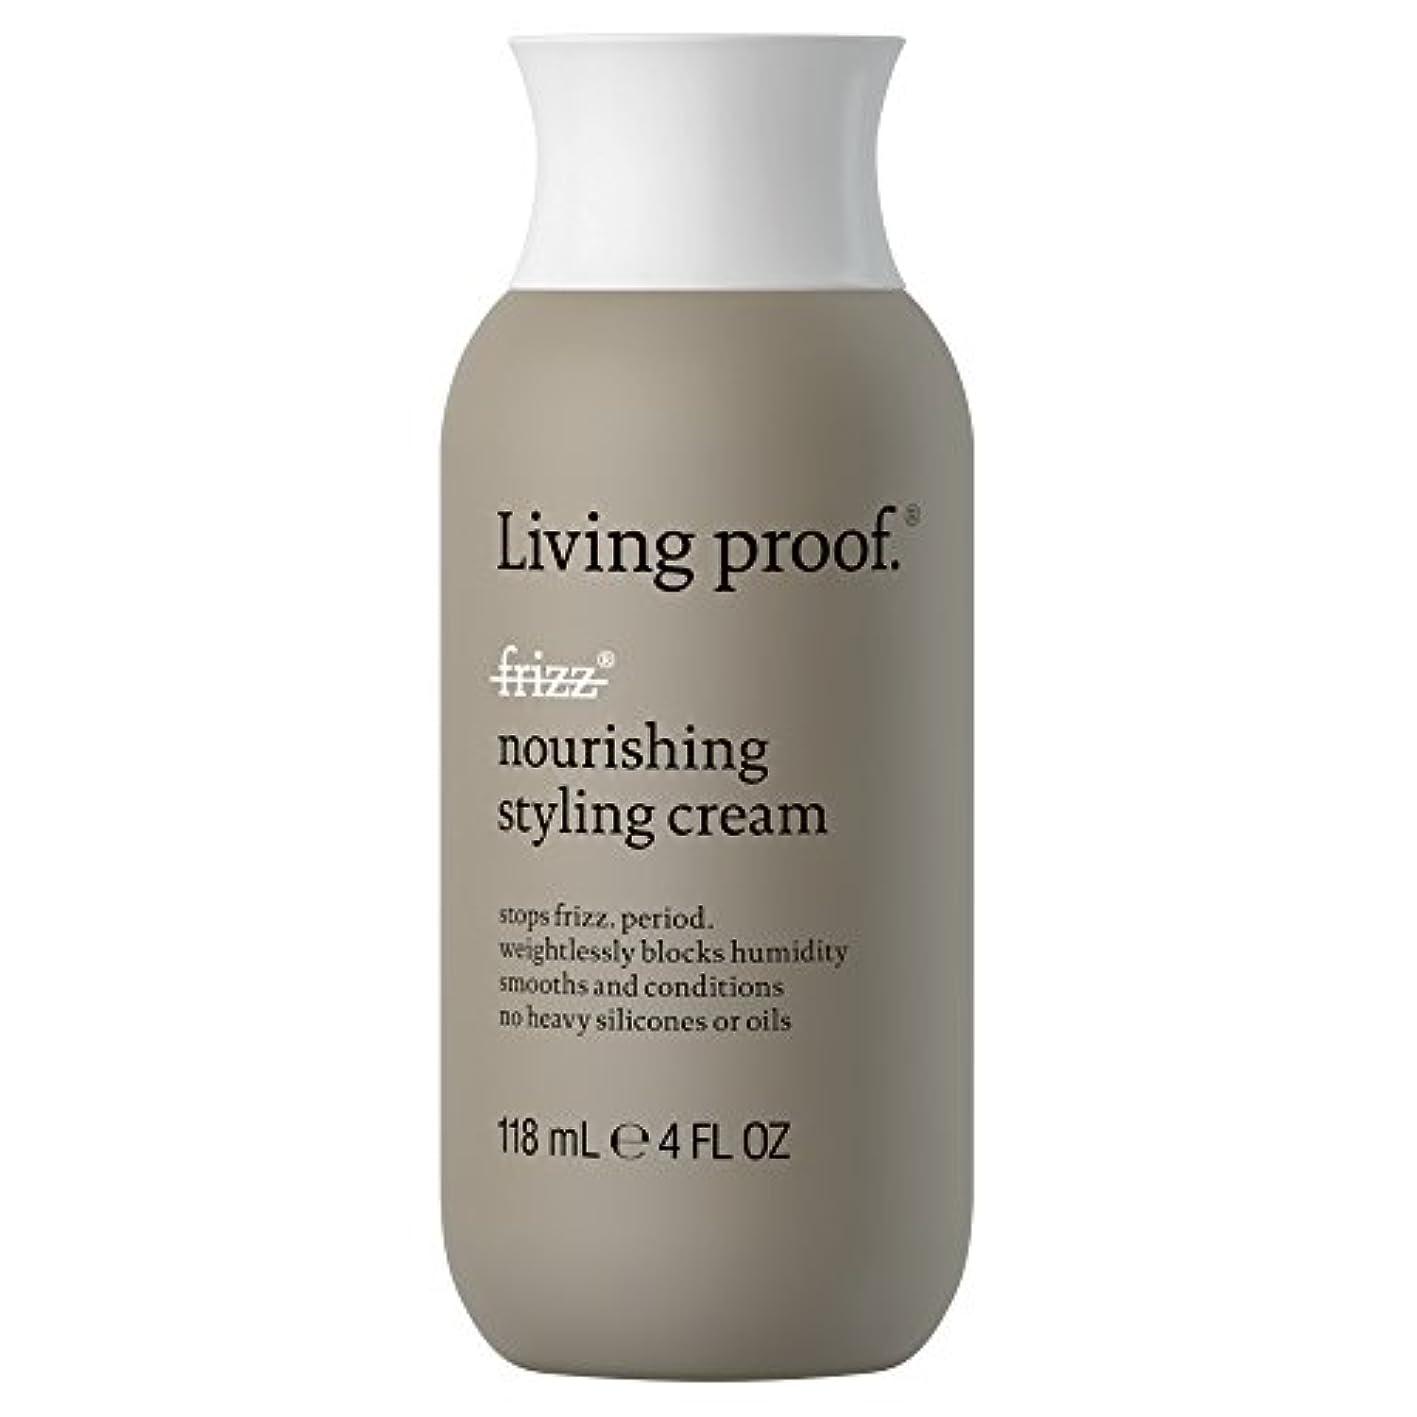 小包膨らみ交換可能生きている証拠なし縮れ栄養スタイリングクリーム118ミリリットル (Living Proof) - Living Proof No Frizz Nourishing Styling Cream 118ml [並行輸入品]